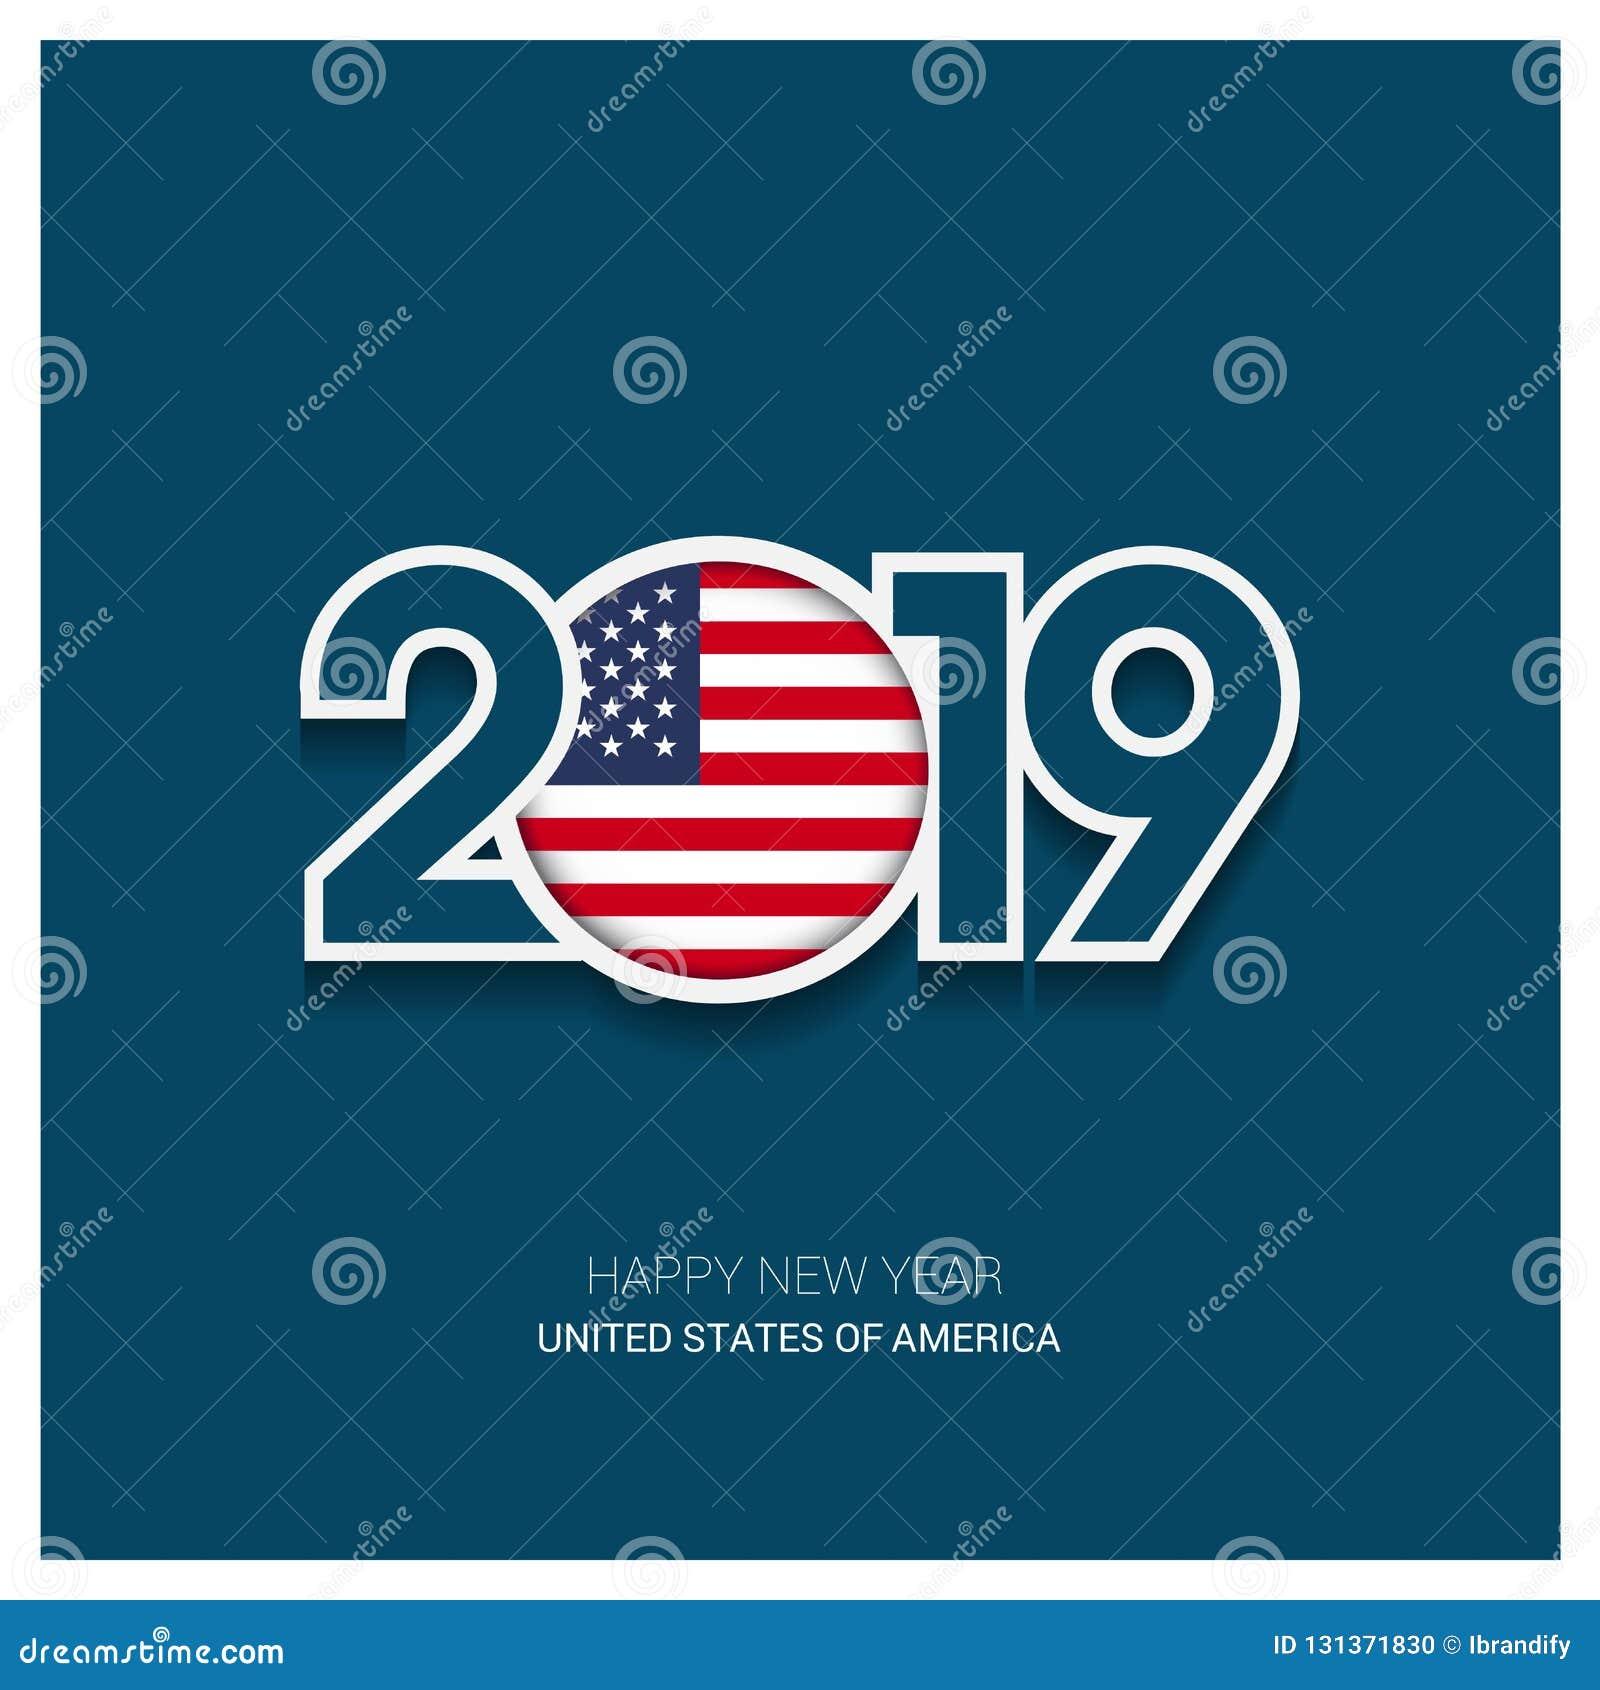 Оформление 2019 Соединенных Штатов Америки, С Новым Годом! Backgro